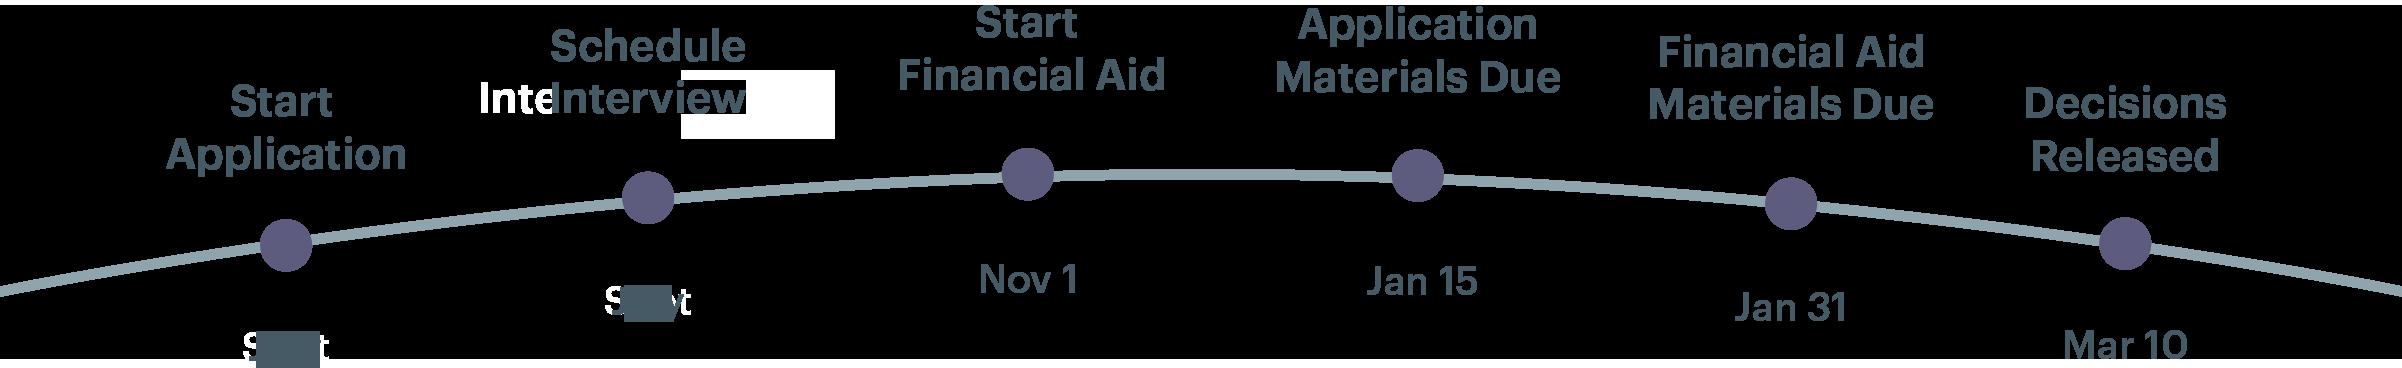 timeline of steps